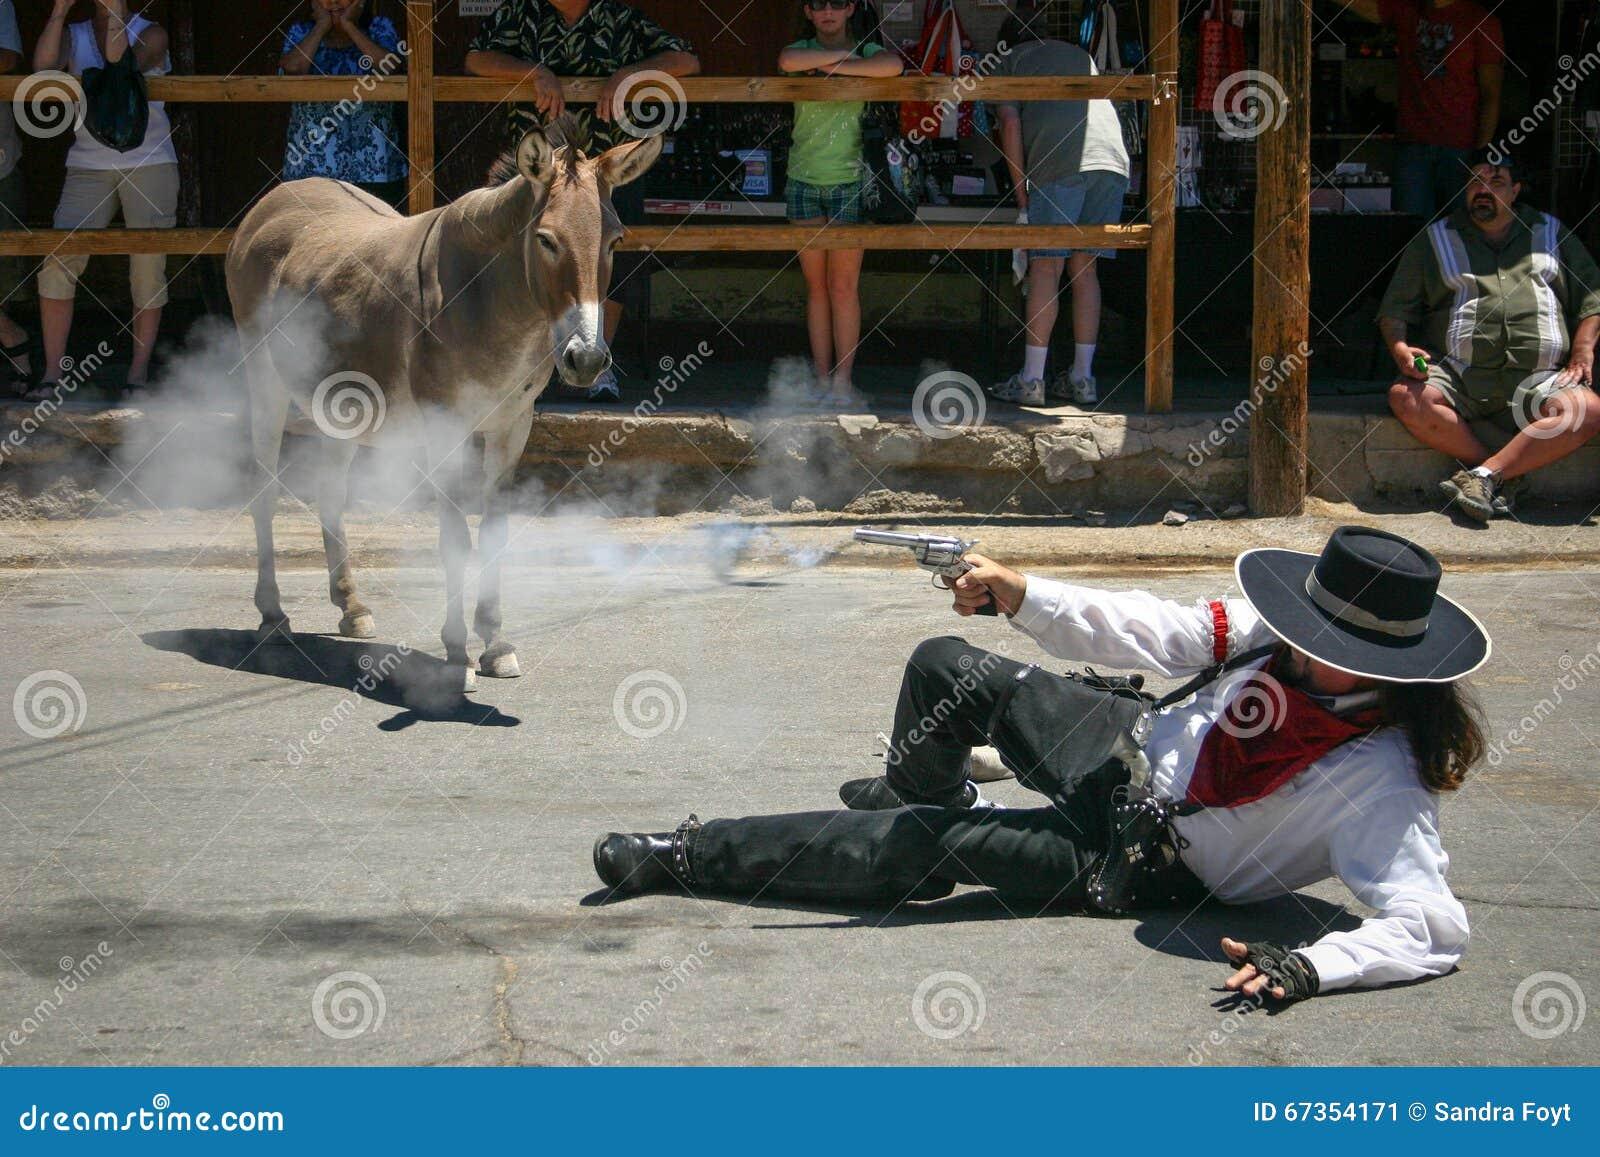 Gunslinger and the Smoking Gun - Oatman, AZ